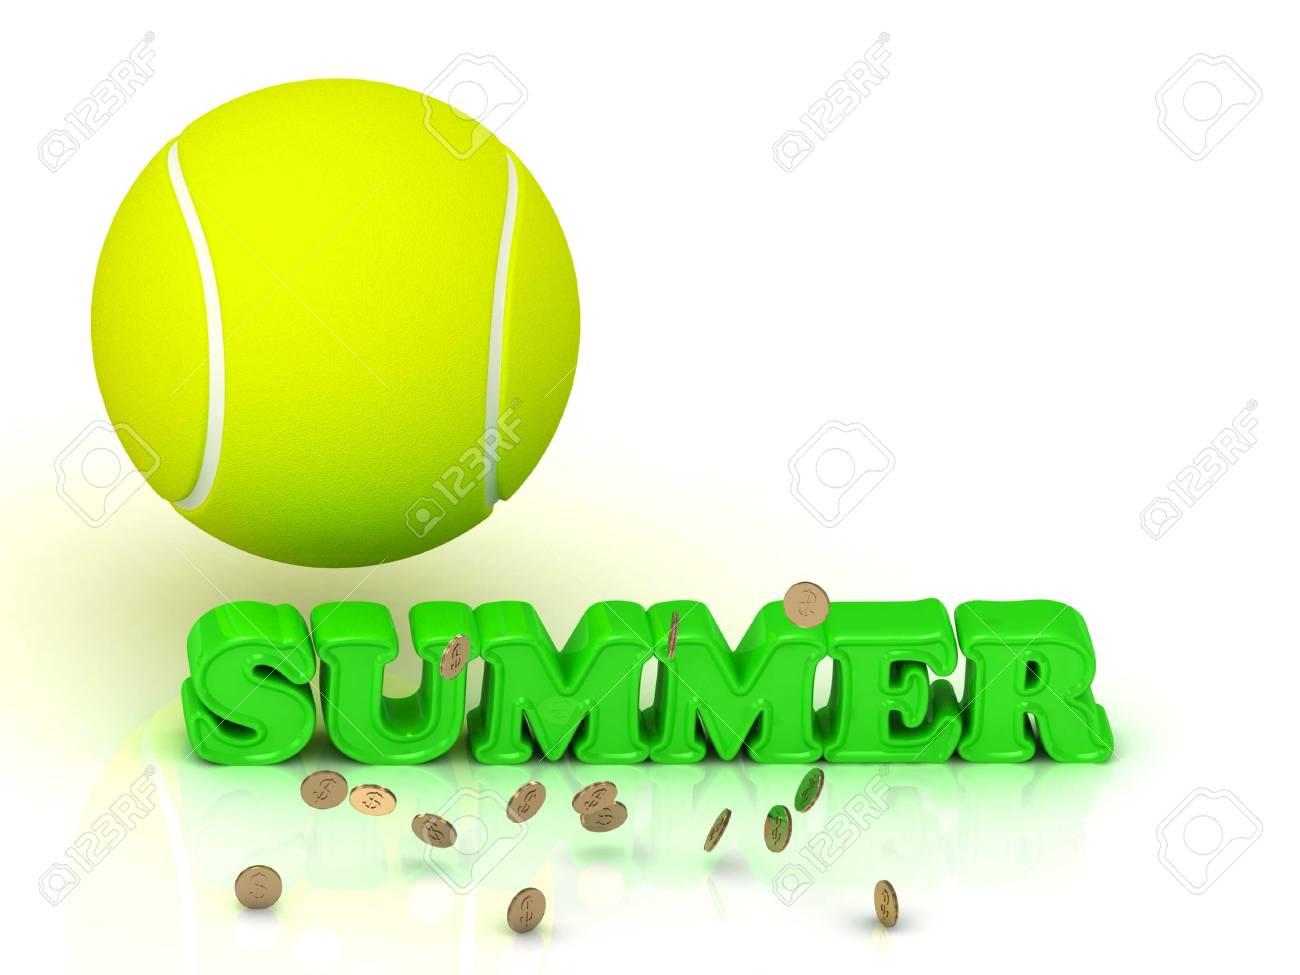 829020f76c9f7 Banque d'images - Lettres vertes ÉTÉ- lumineux, balle de tennis, monnaie  d'or sur fond blanc